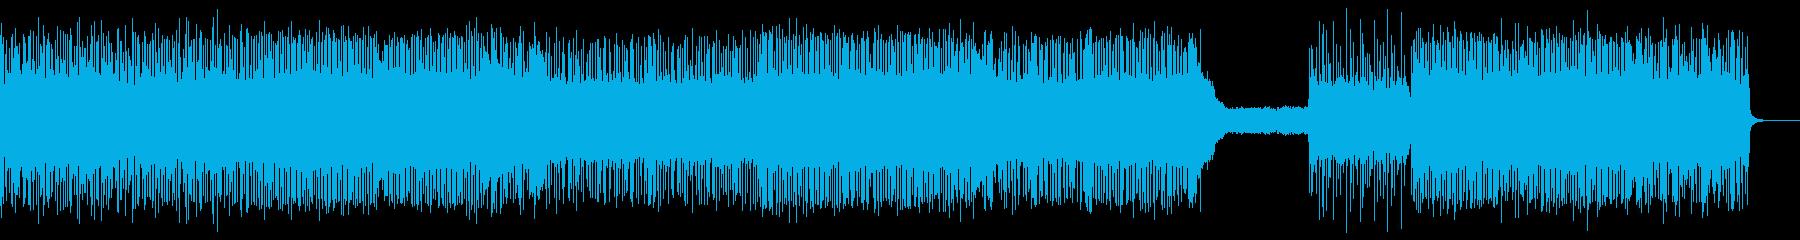 熱いギターロックBGM7_Lの再生済みの波形